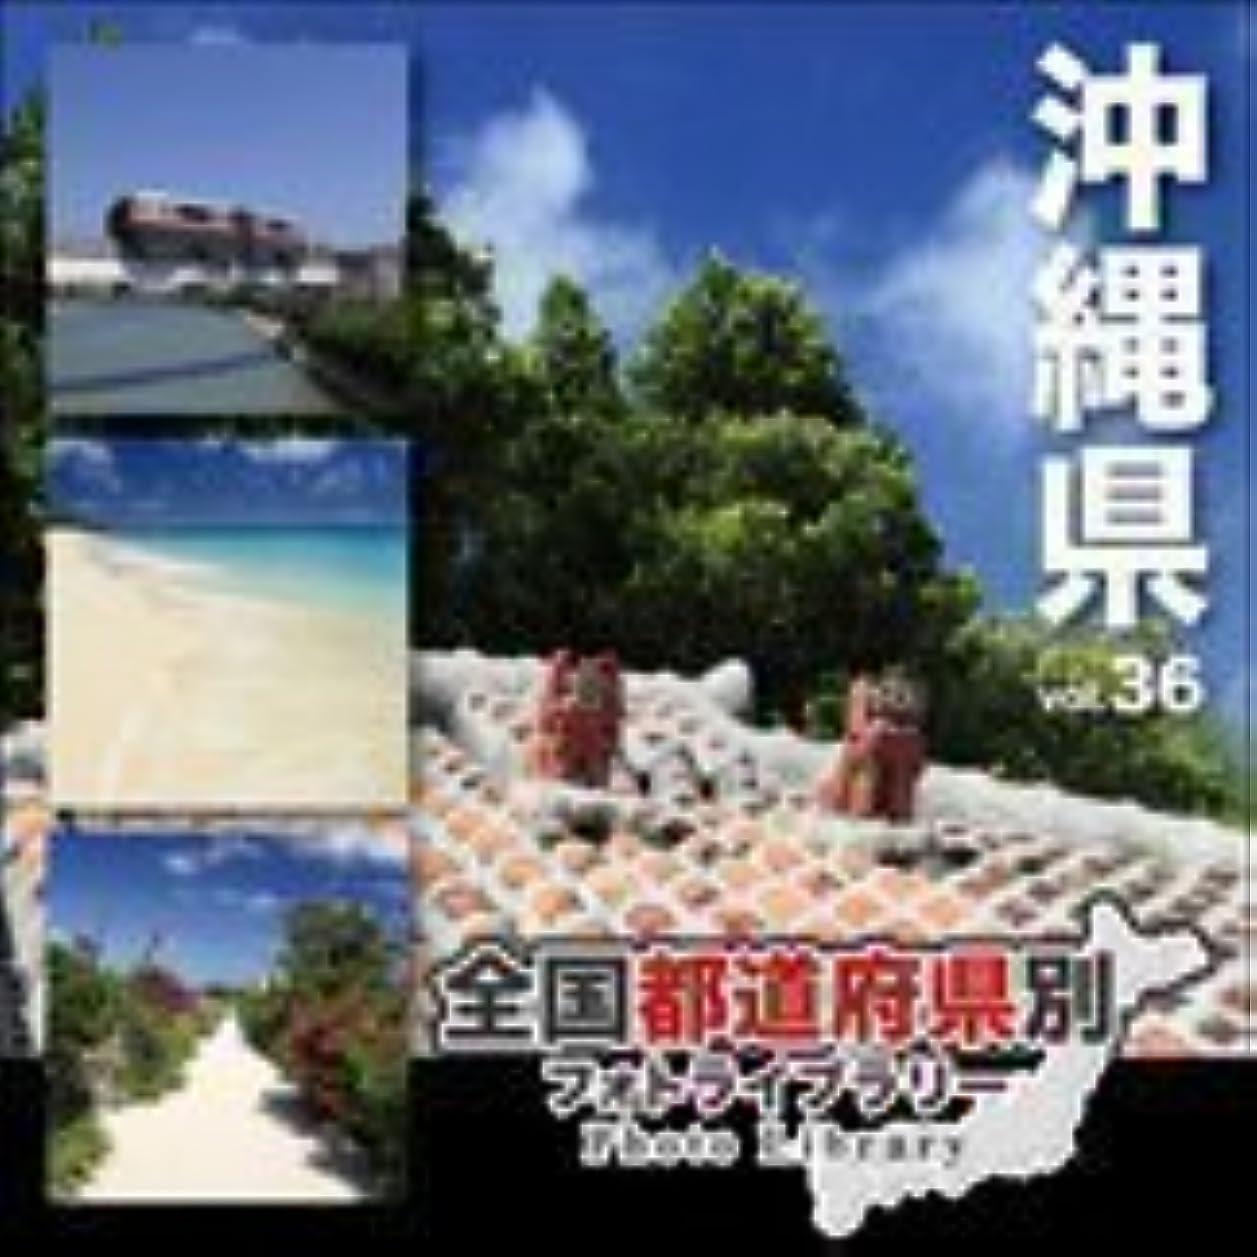 死痛い森全国都道府県別フォトライブラリー Vol.36 沖縄県